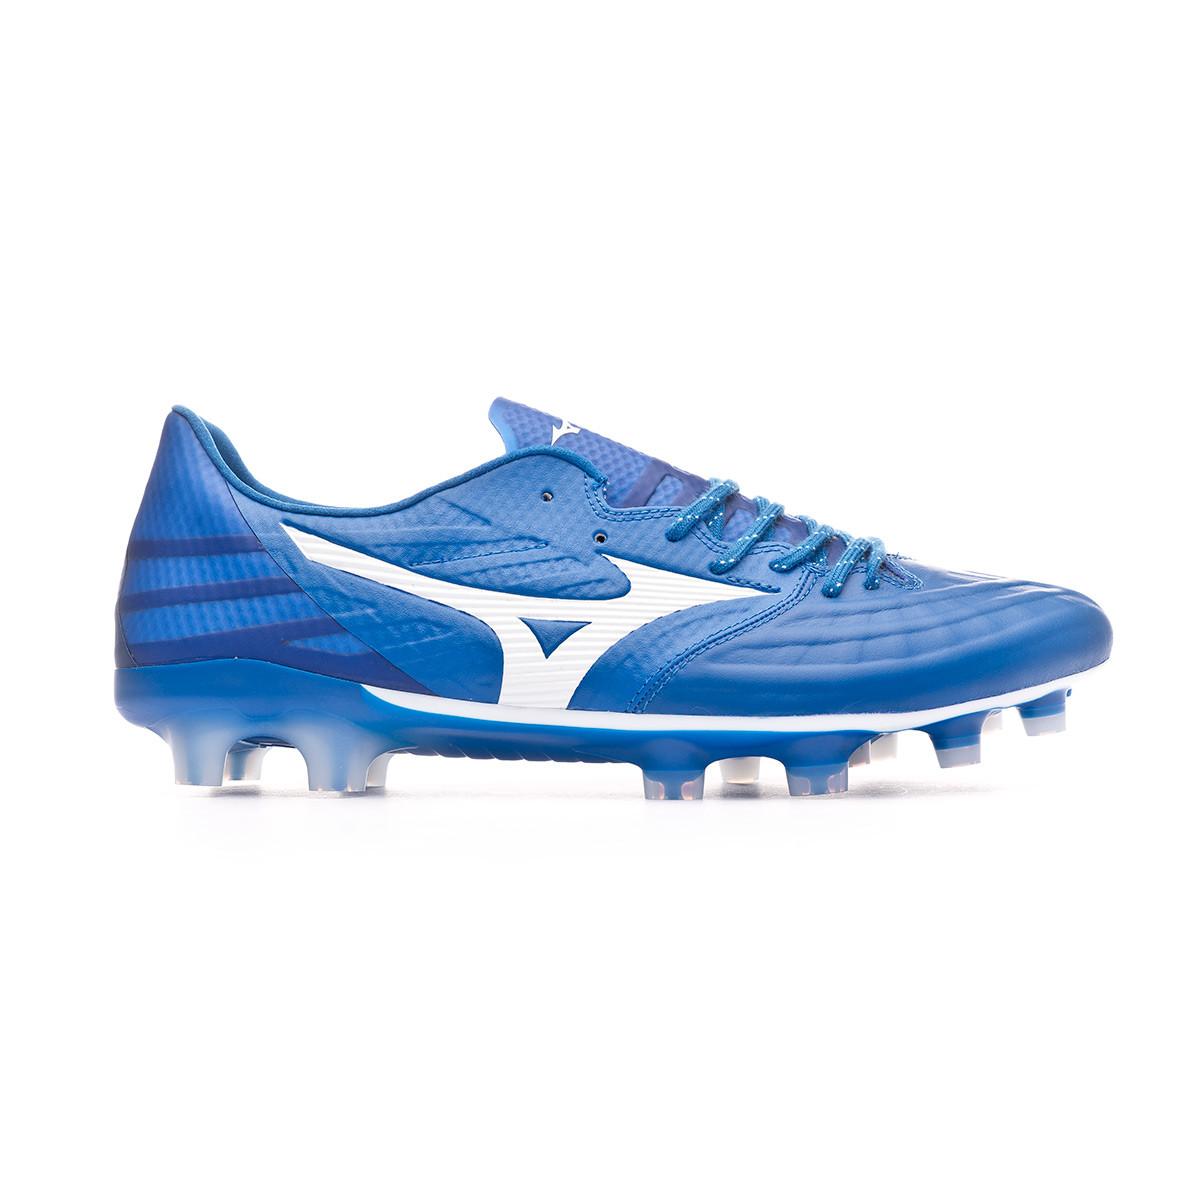 zapatos de futbol mizuno en uruguay precio